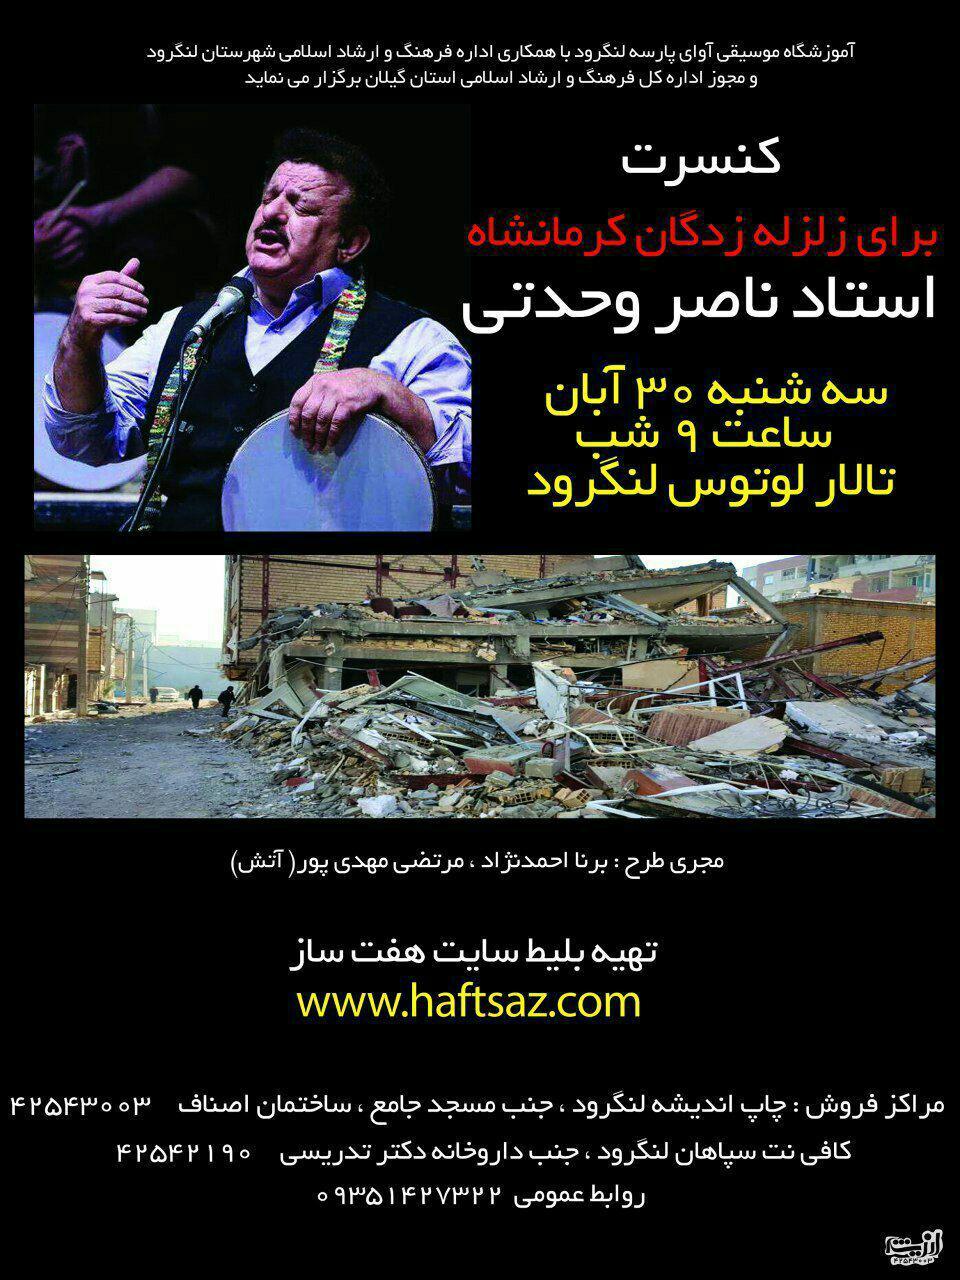 کنسرت بزرگ ناصر وحدتی ۳۰ آبان به نفع زلزله زدگان کرمانشاه در لنگرود